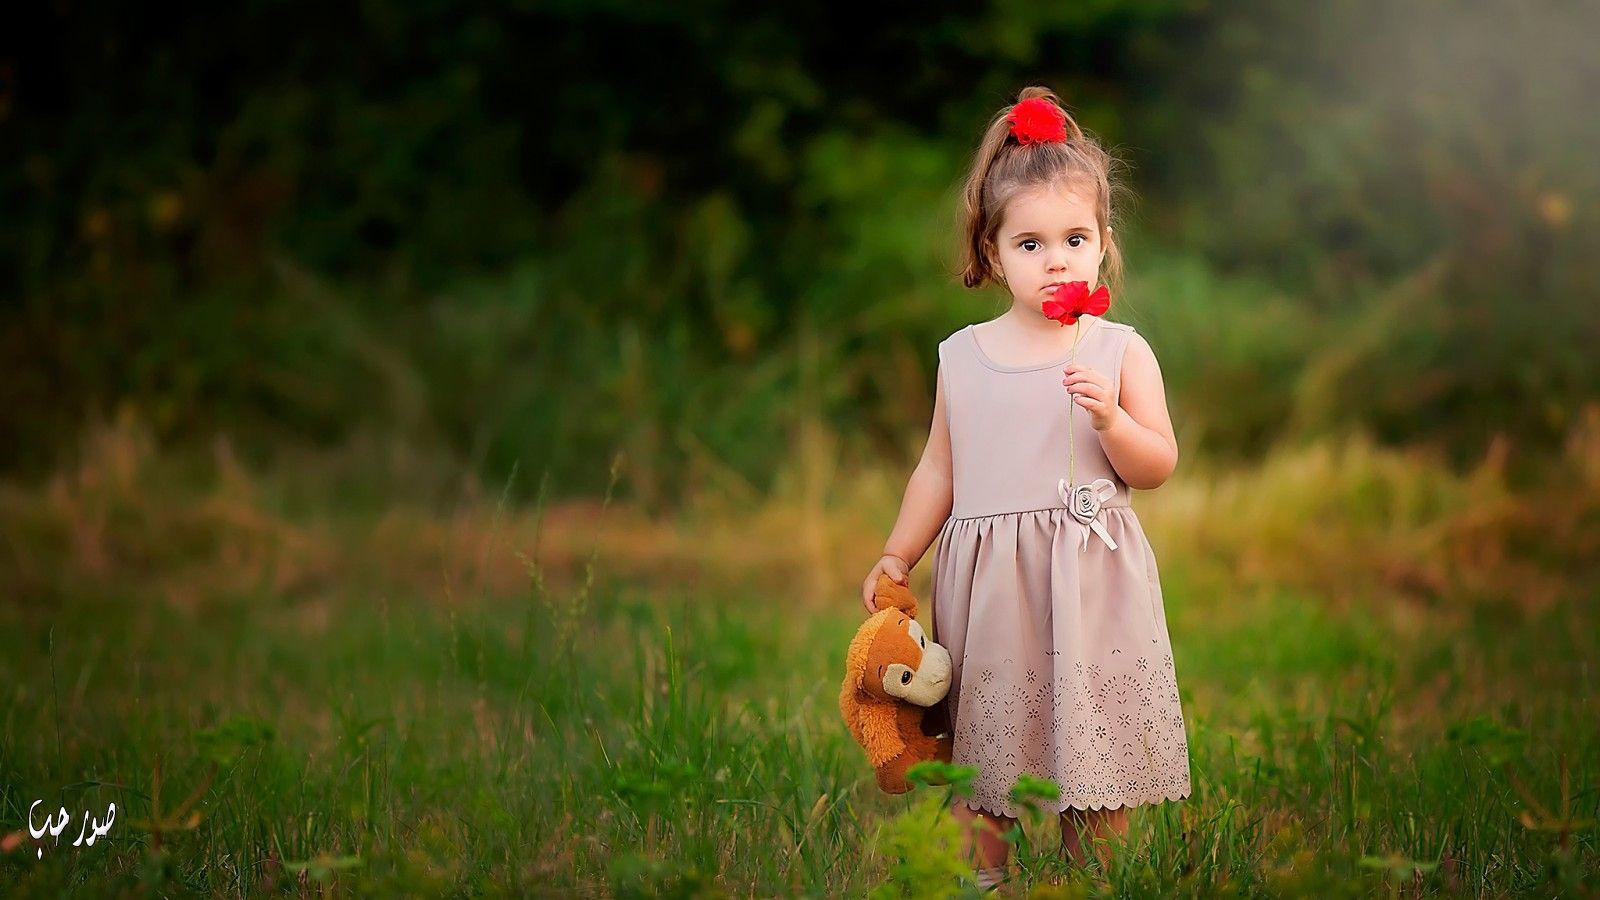 اجمل صور اطفال لطيفه 5